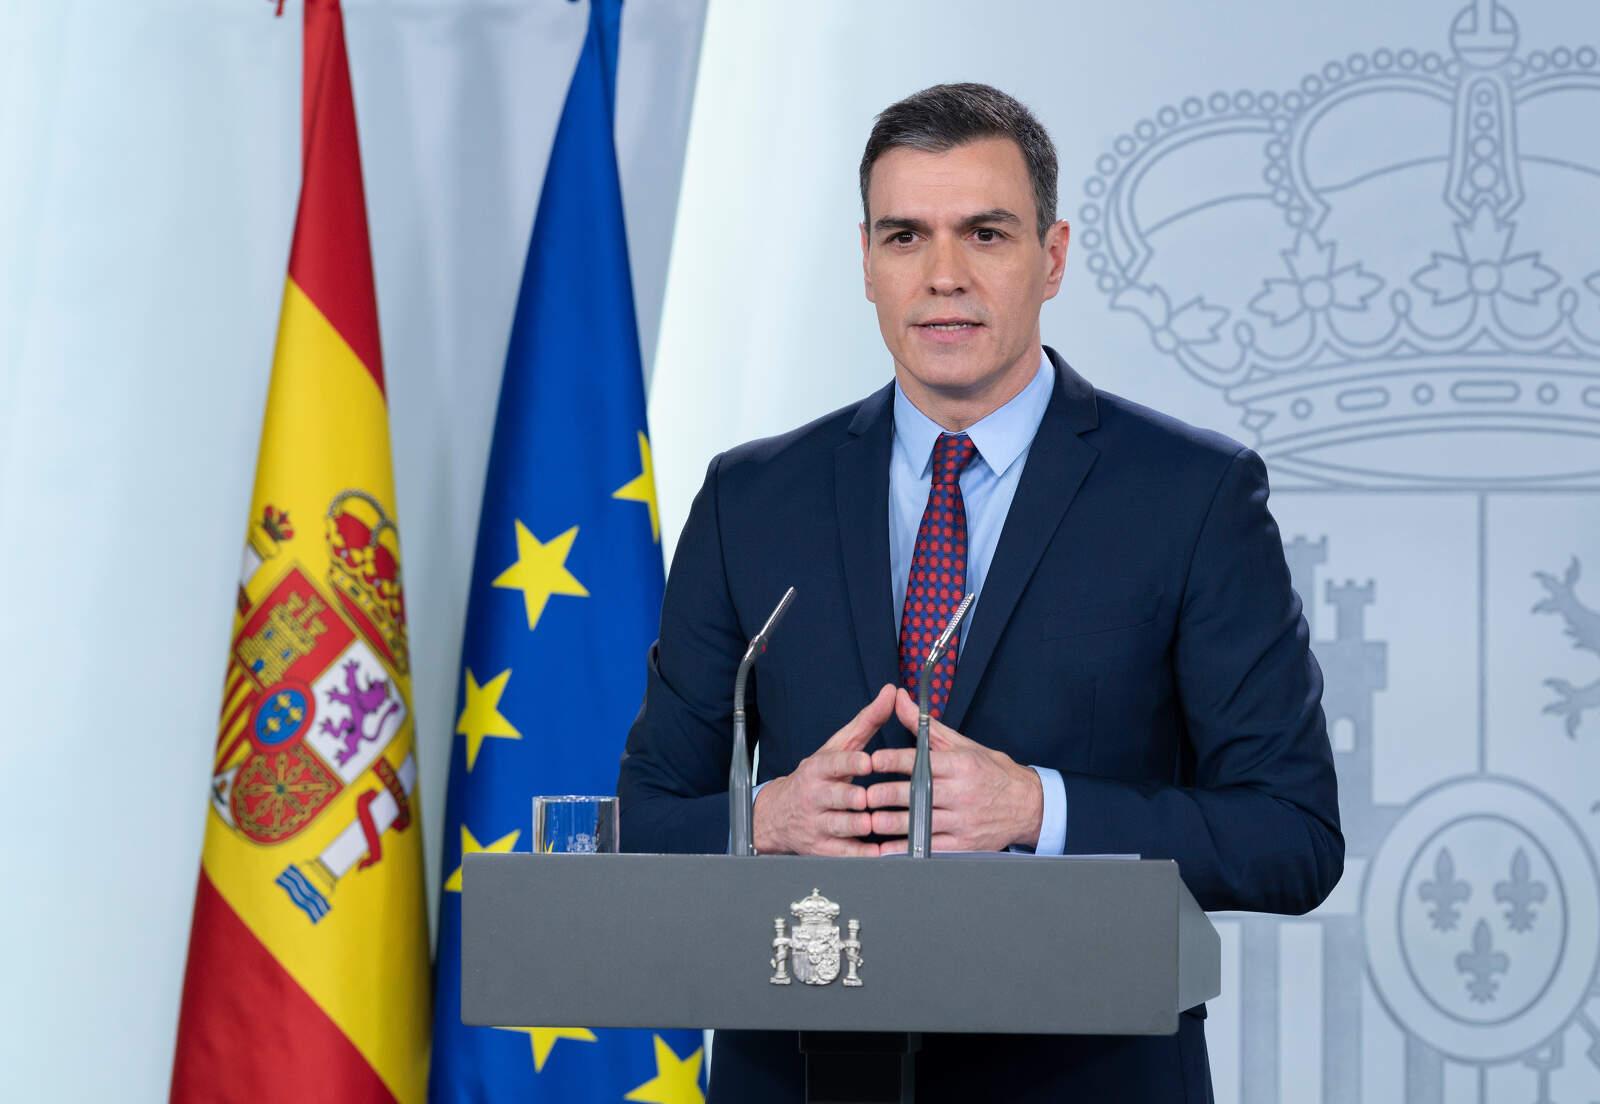 El president del govern espanyol, Pedro Sánchez, durant la compareixença d'aquest 12 de març del 2020